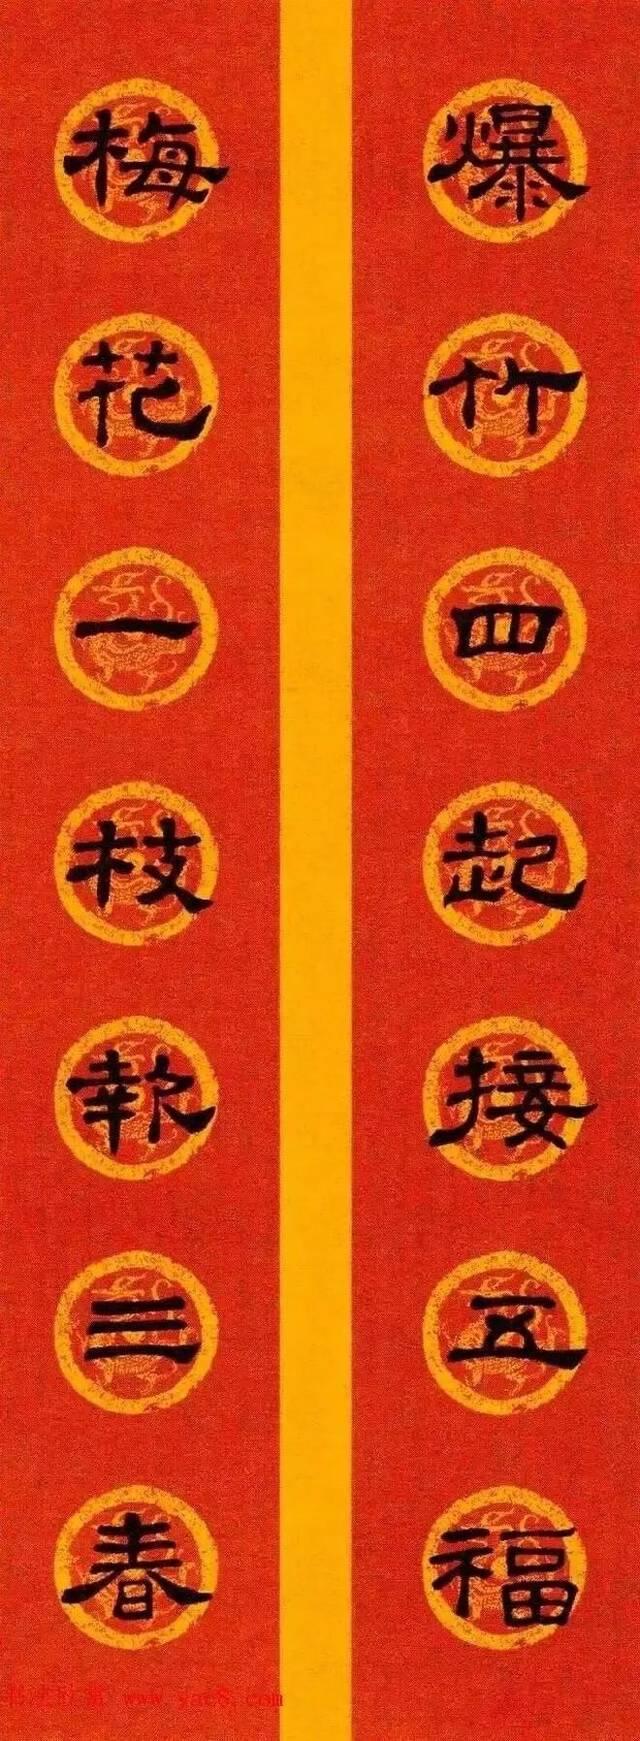 2019猪年 | 黄庭坚行书集字春联, 曹全碑> 史晨碑>春联,上古篆书春联图片